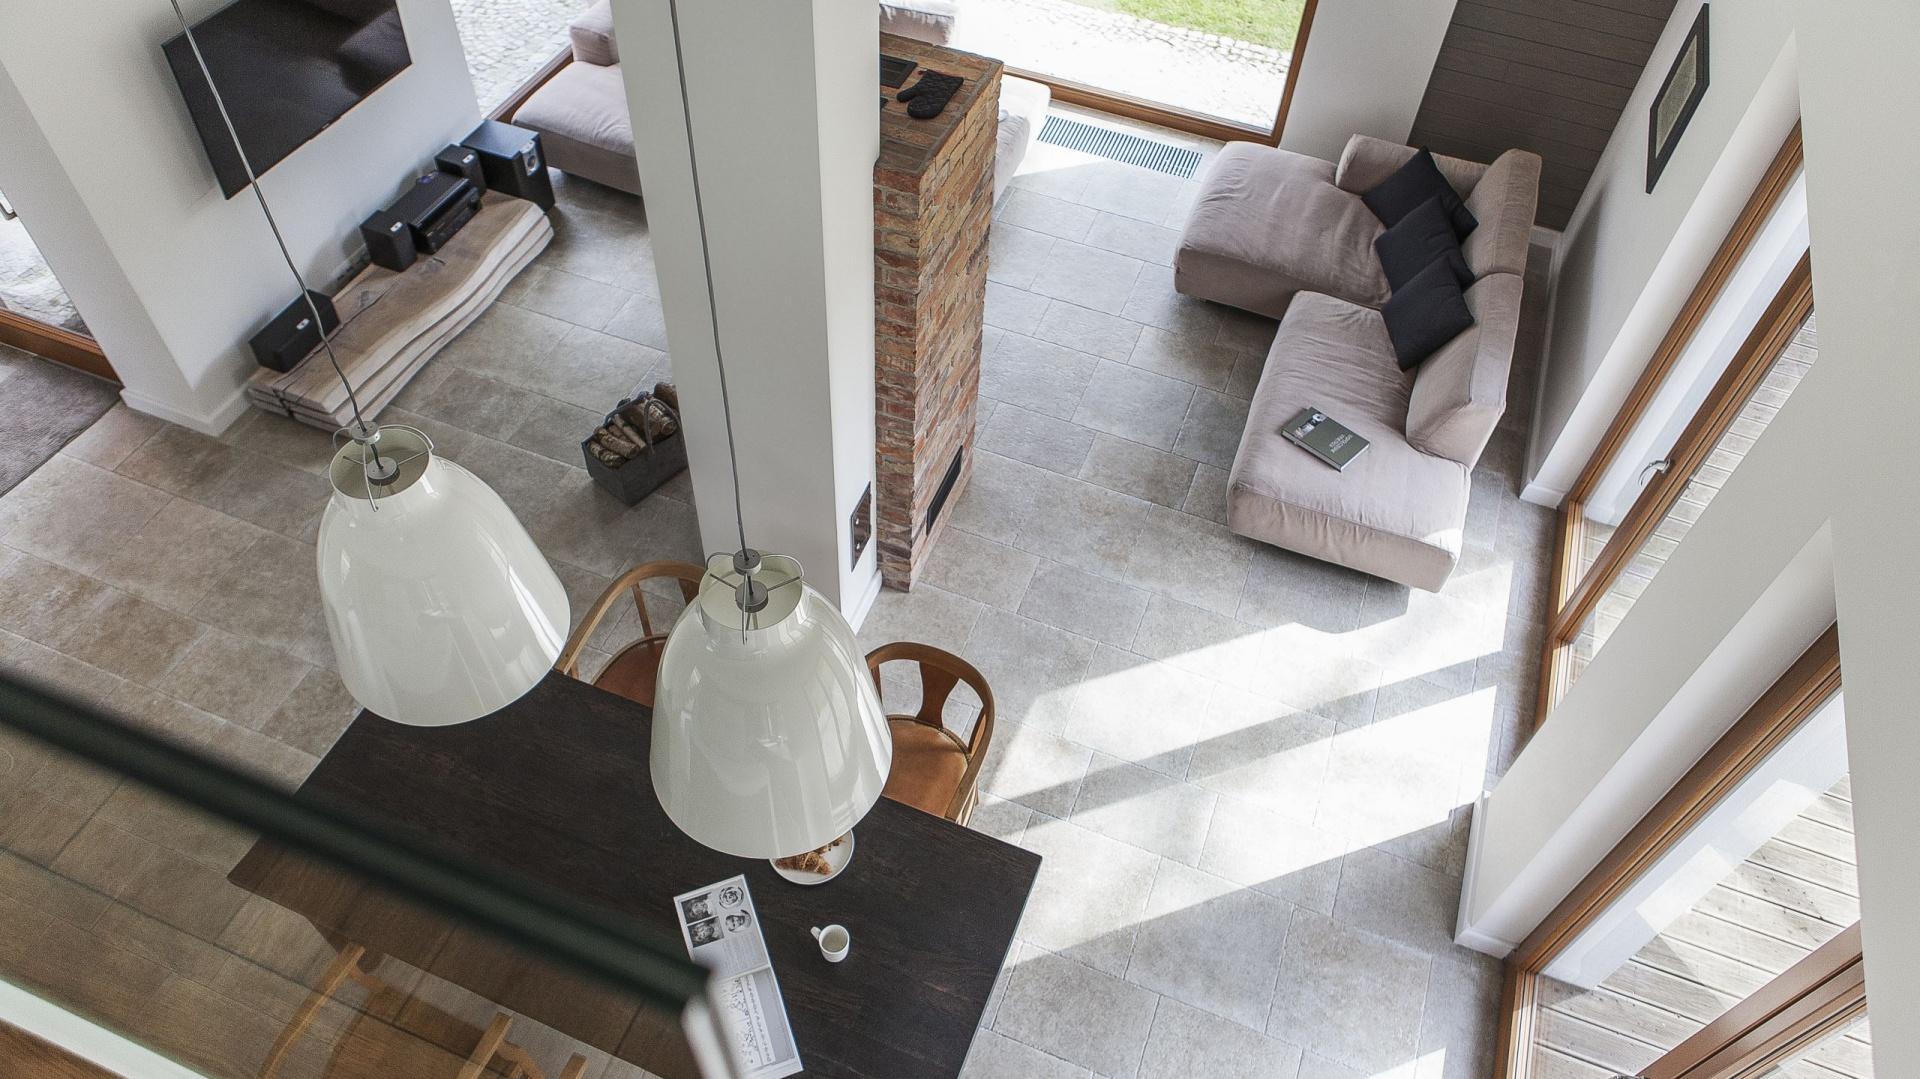 Salon o wysokości dwóch kondygnacji potęguje wrażenie przestrzeni, a liczne, wysokie okna rozjaśniają wnętrze zdając się optycznie powiększać jego metraż. Projekt: Anna Nowak-Paziewska, Pracownia MAFgroup. Fot. Emi Karpowicz